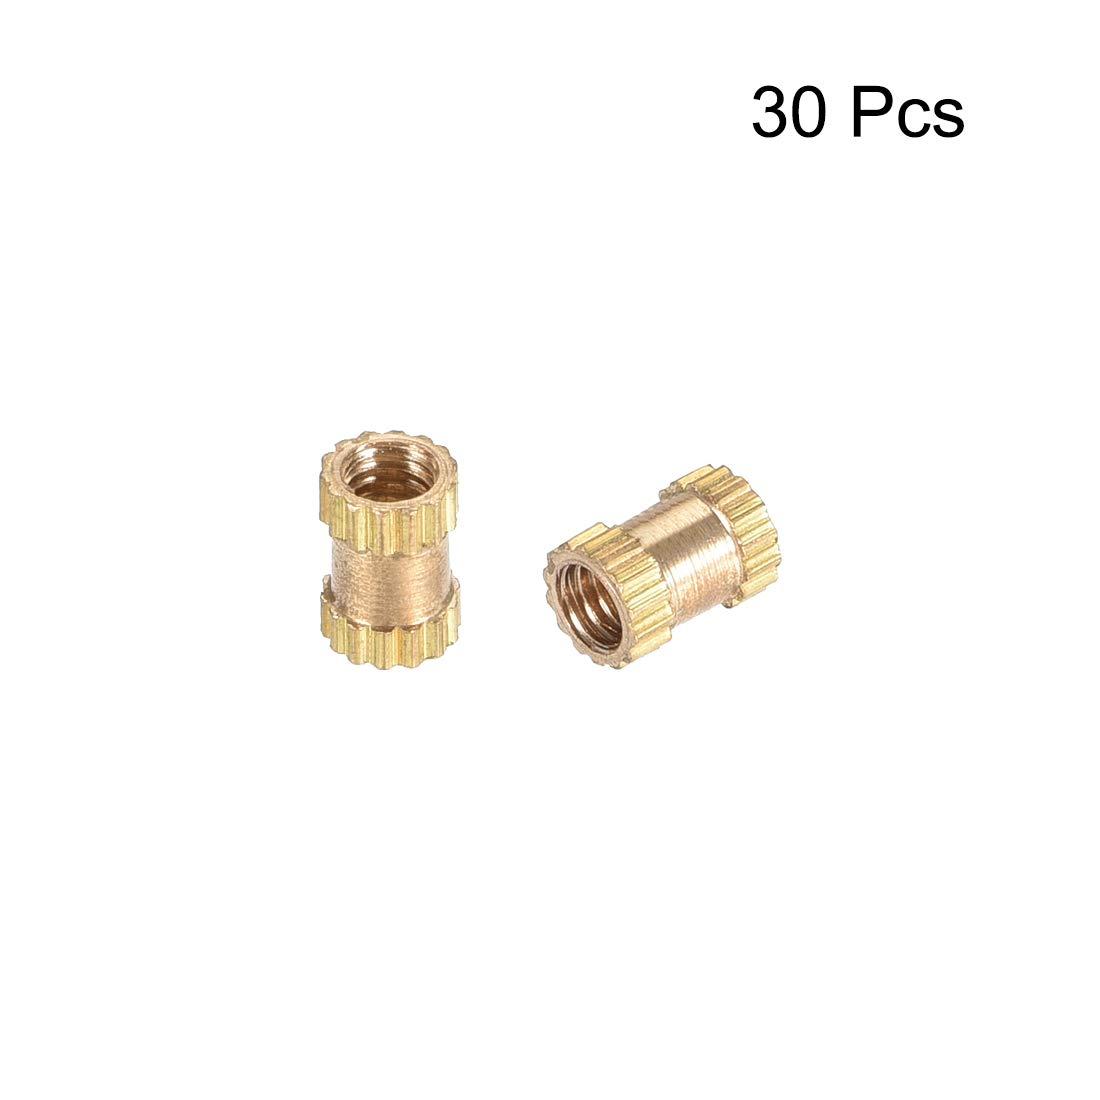 L Messing OD x 3.2mm sourcing map 30 St/ück R/ändelmutter Gewindeeinsatzmuttern M2 x 4mm